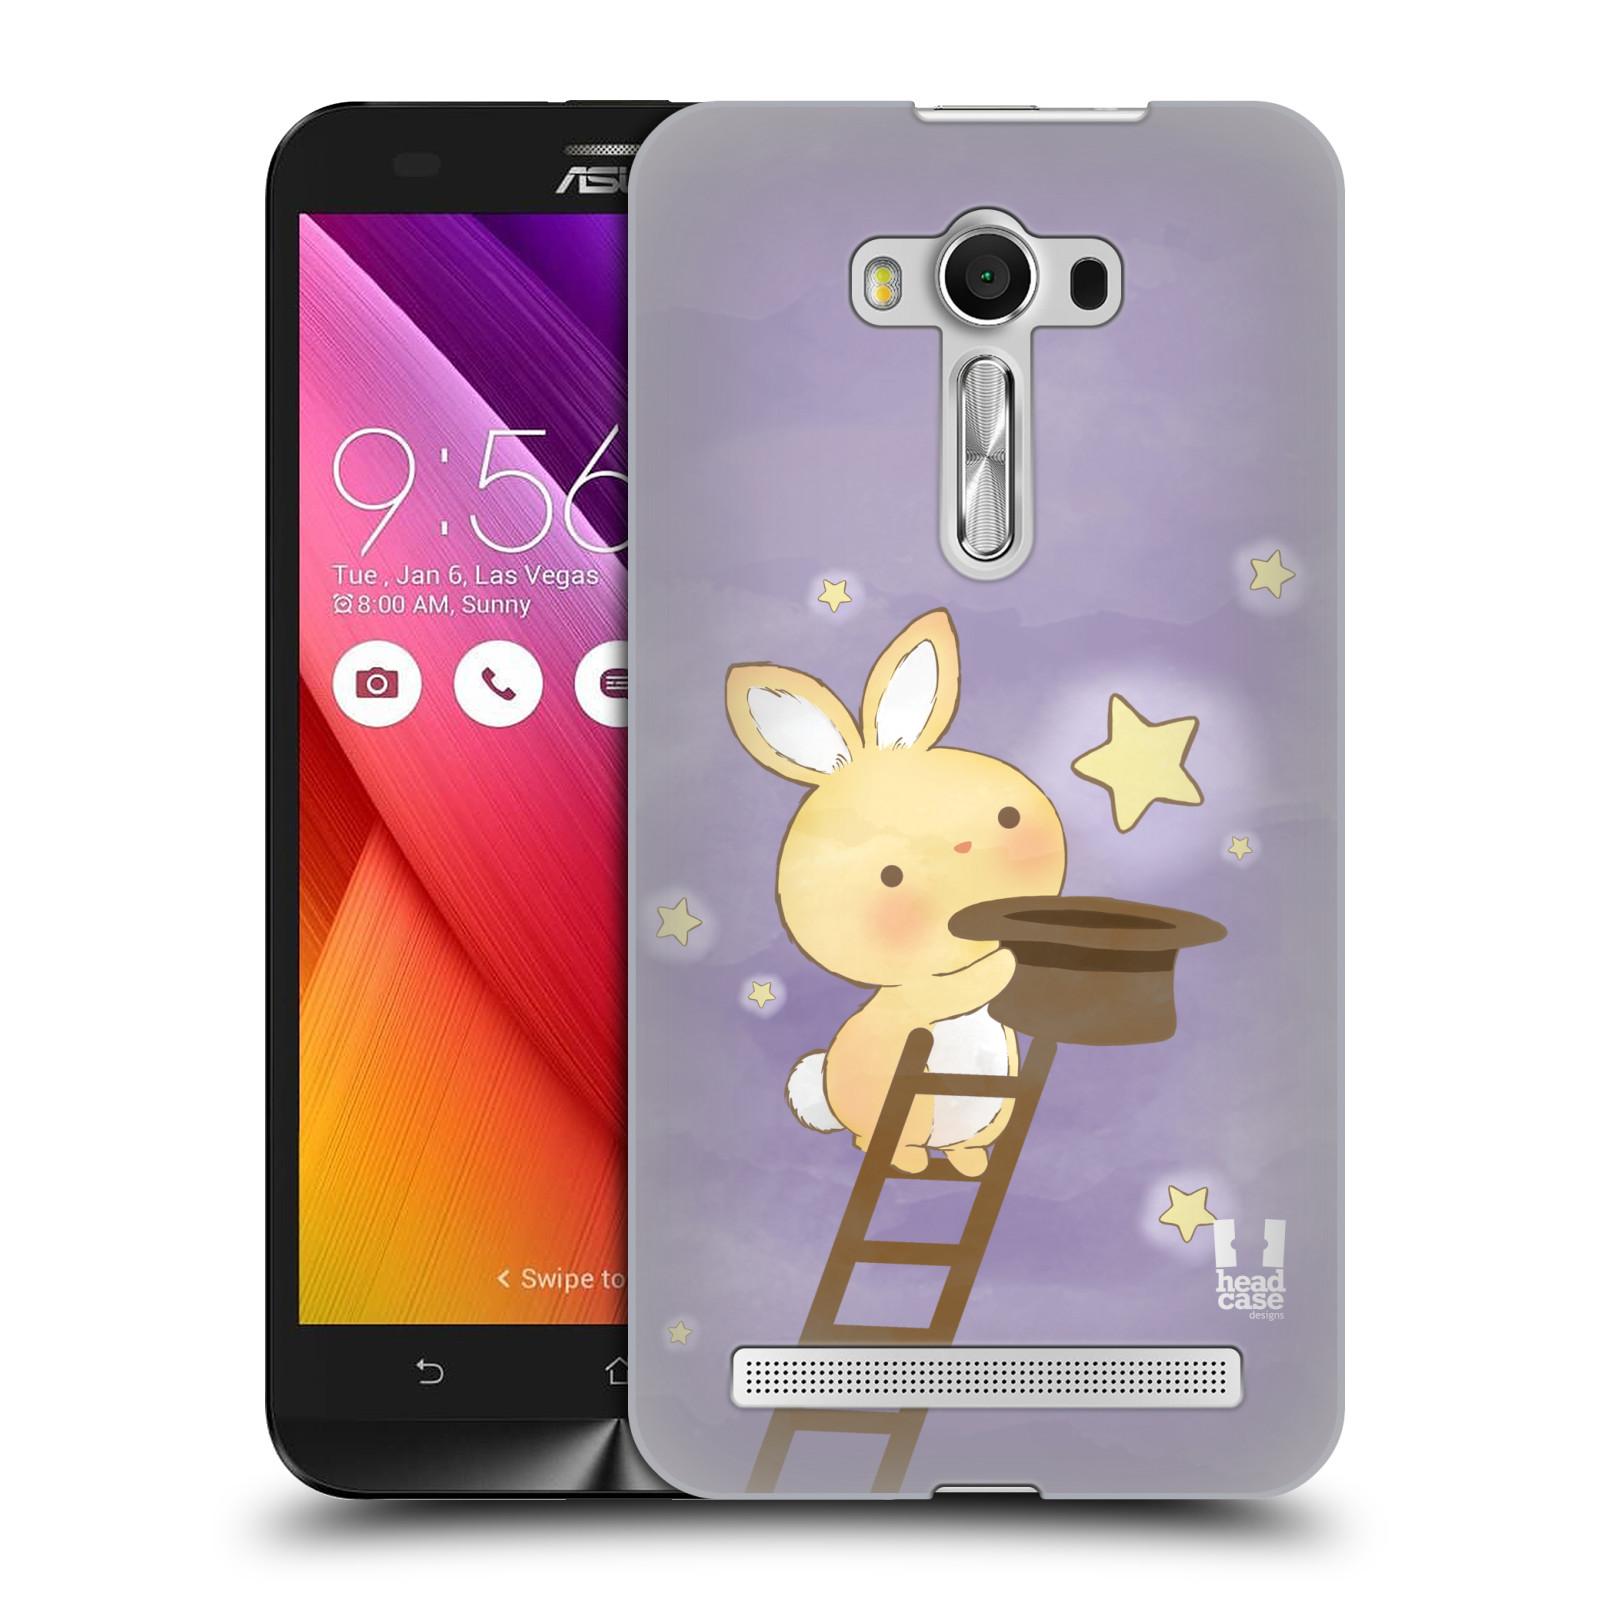 HEAD CASE plastový obal na mobil Asus Zenfone 2 LASER (5,5 displej ZE550KL) vzor králíček a hvězdy fialová